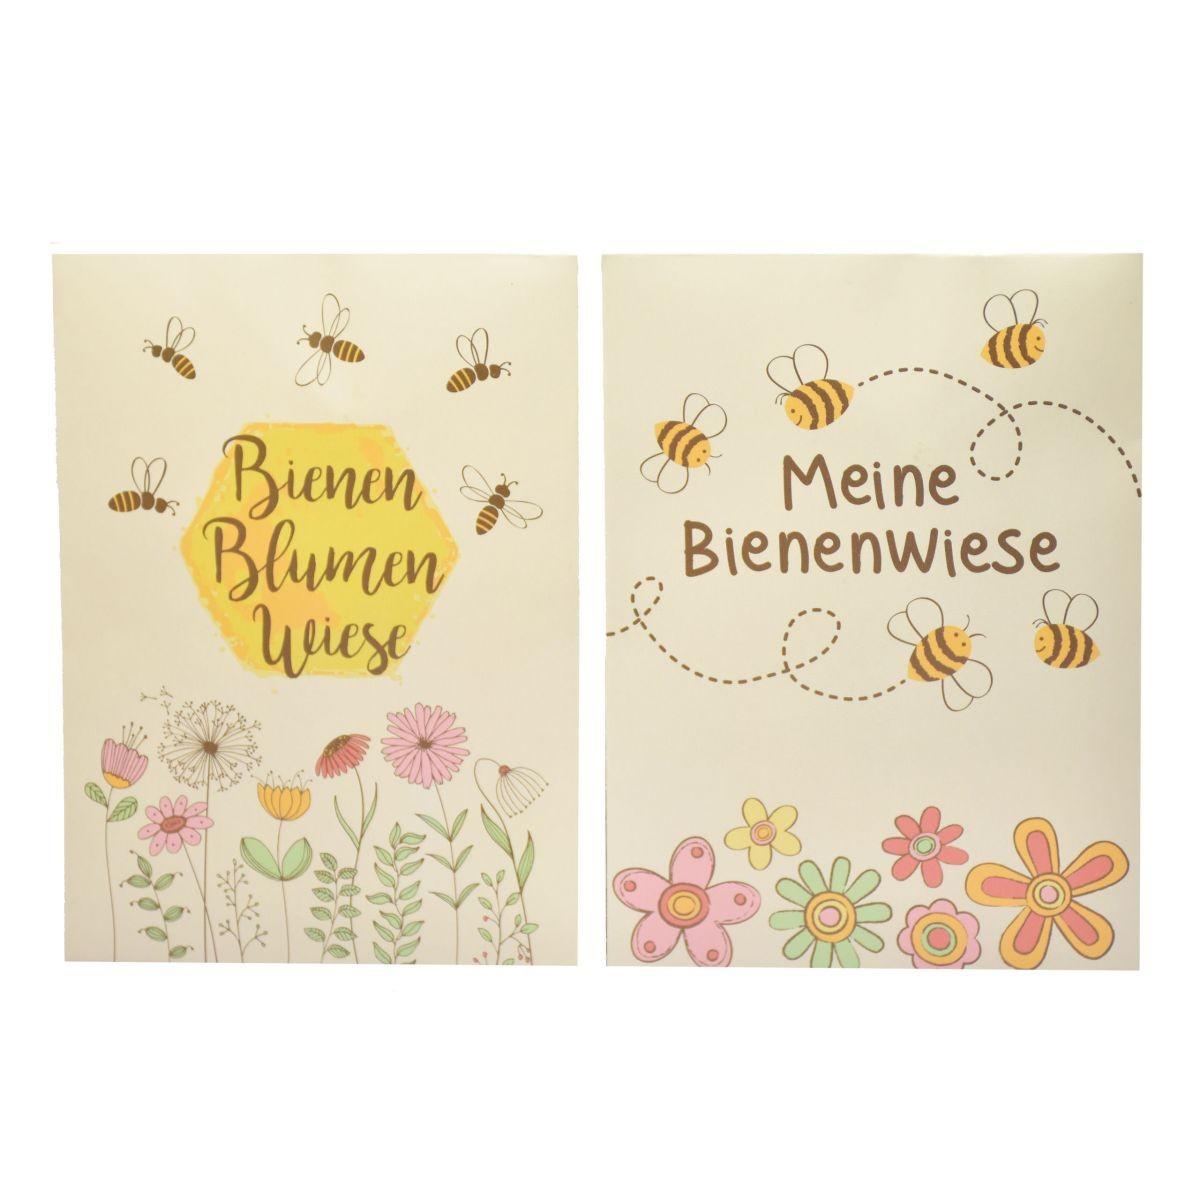 Saatgut Bienenwiese Bild 1